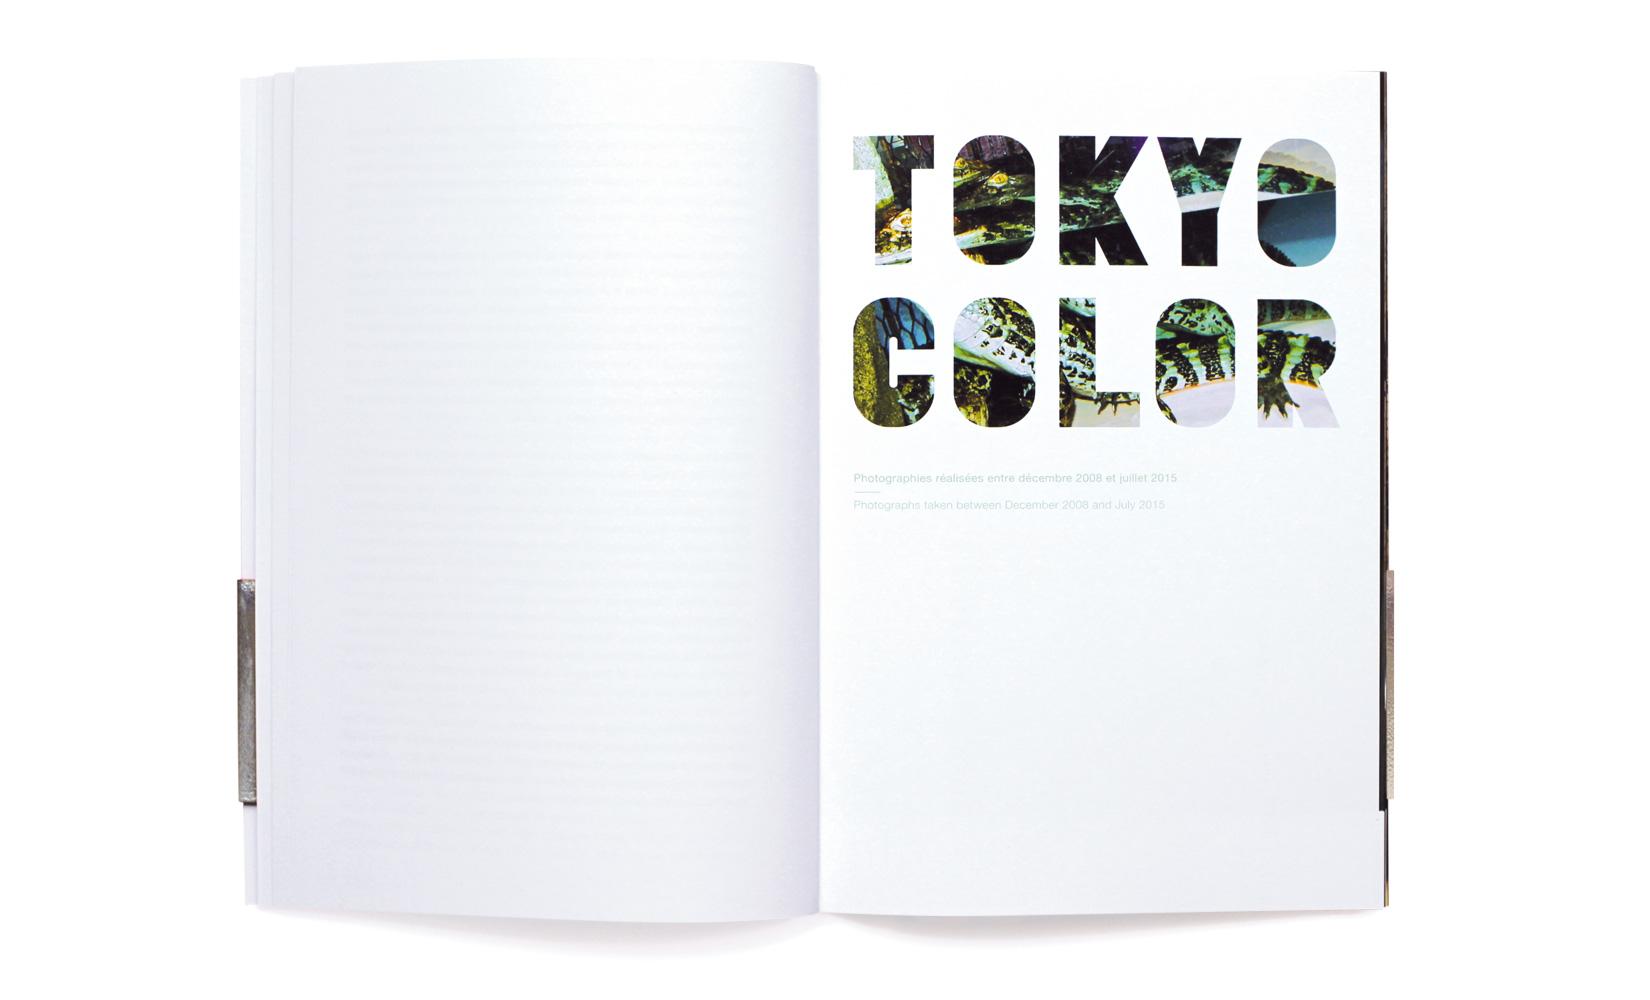 Daido-moriyama-fondation-cartier-02.jpg